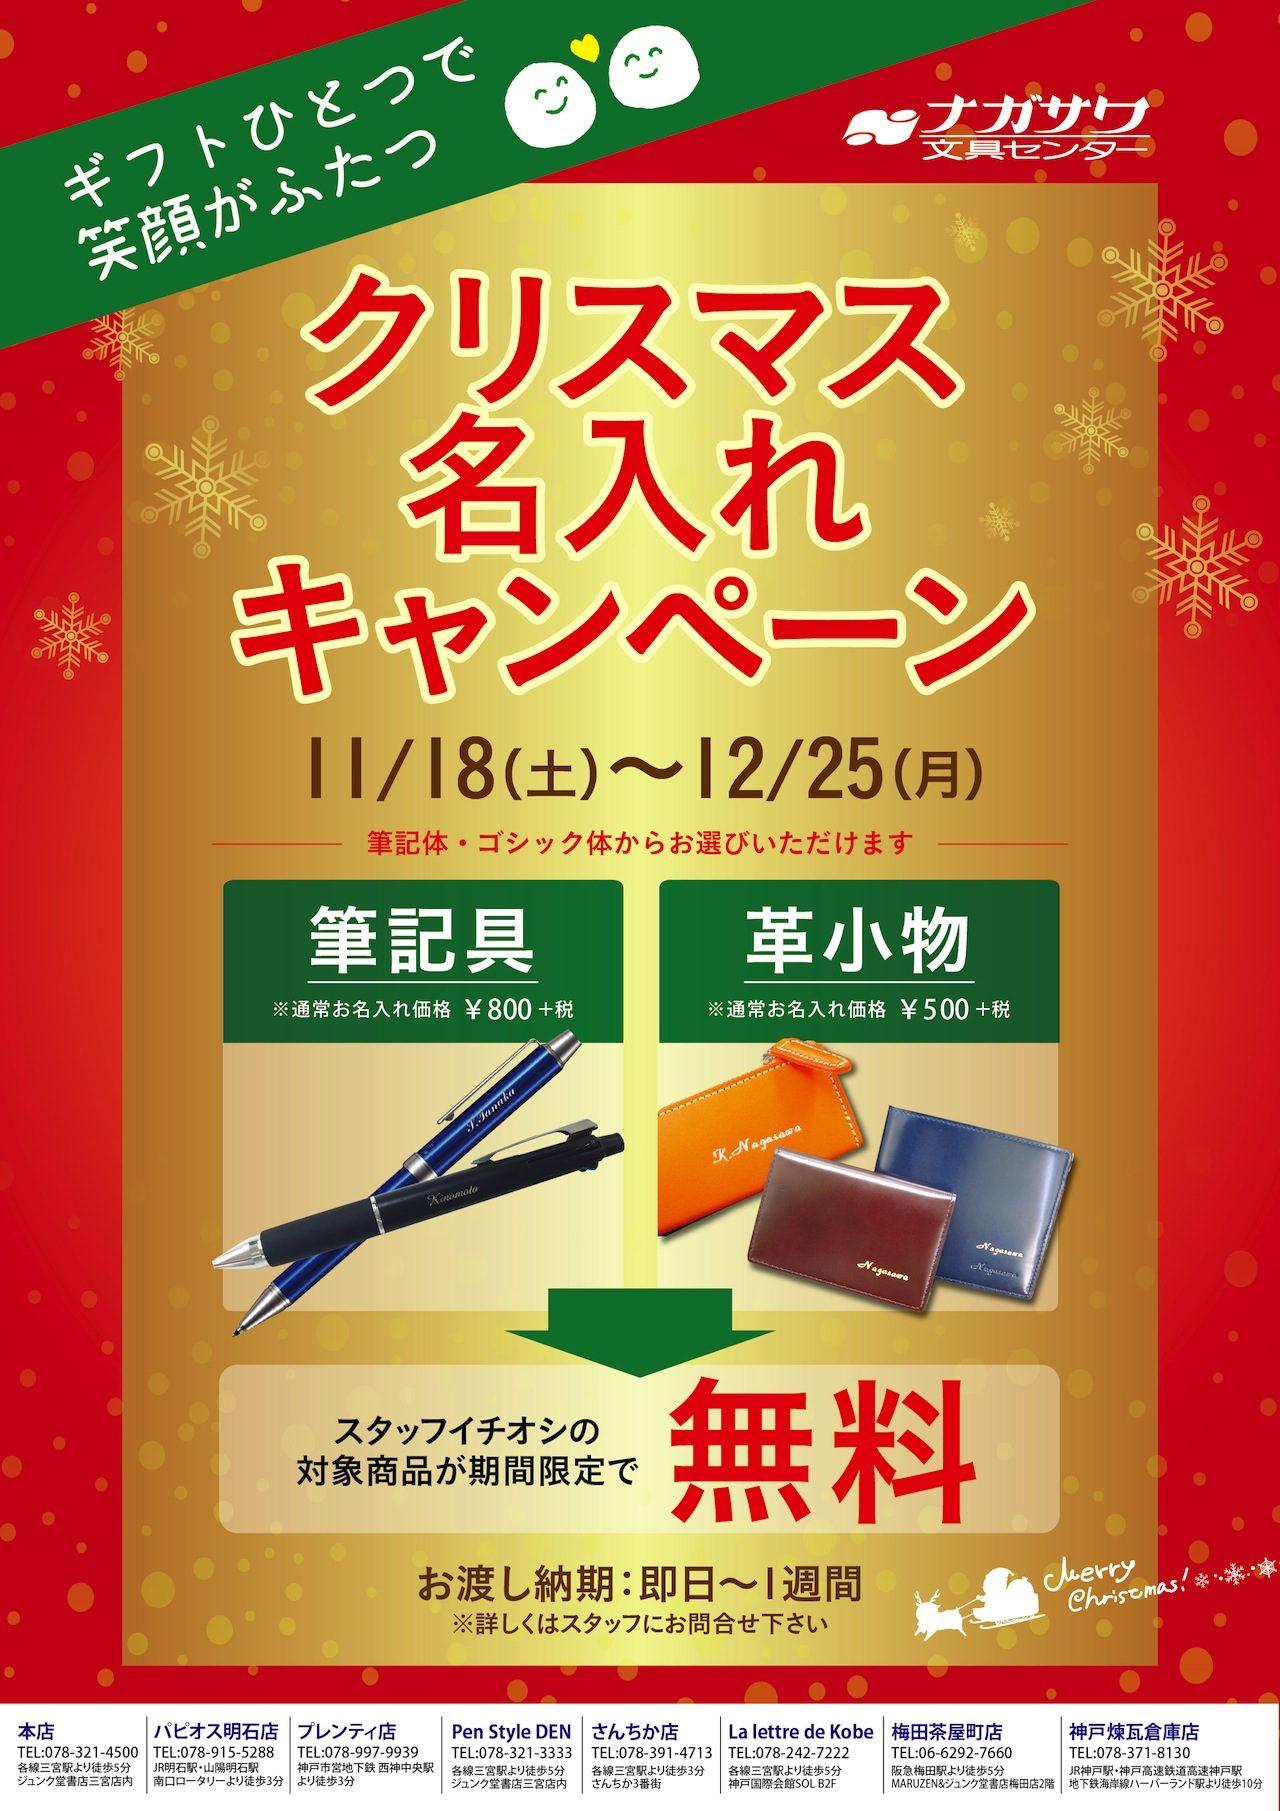 クリスマスプレゼントに!各店スタッフいちおしのボールペンや革製品が期間限定で名入れ無料に!!